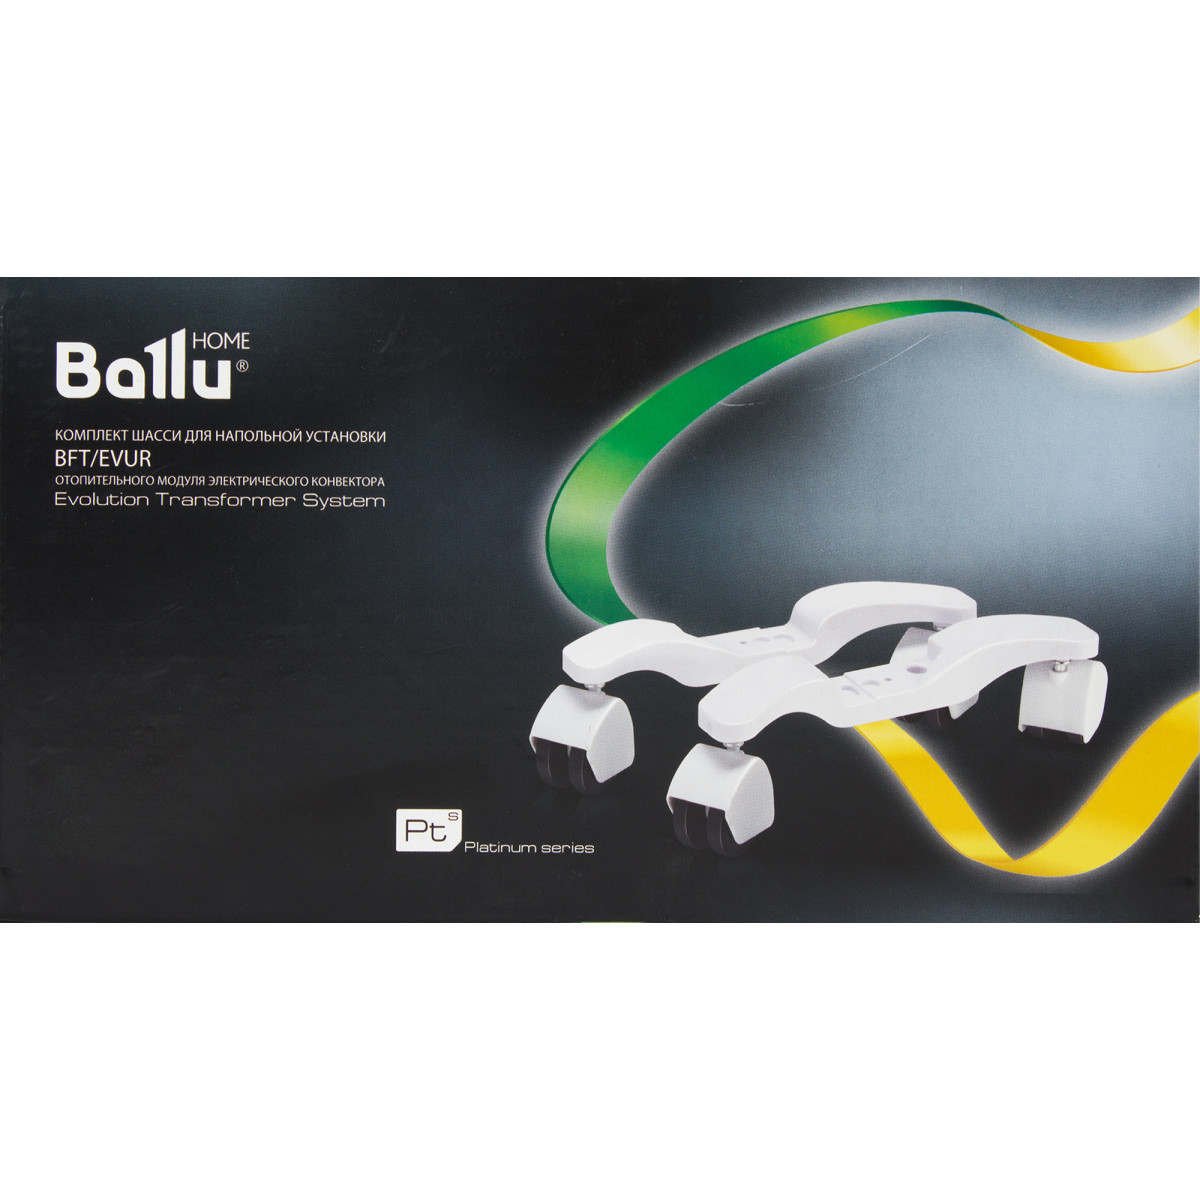 Комплект Шасси Ballu Bft/Evur